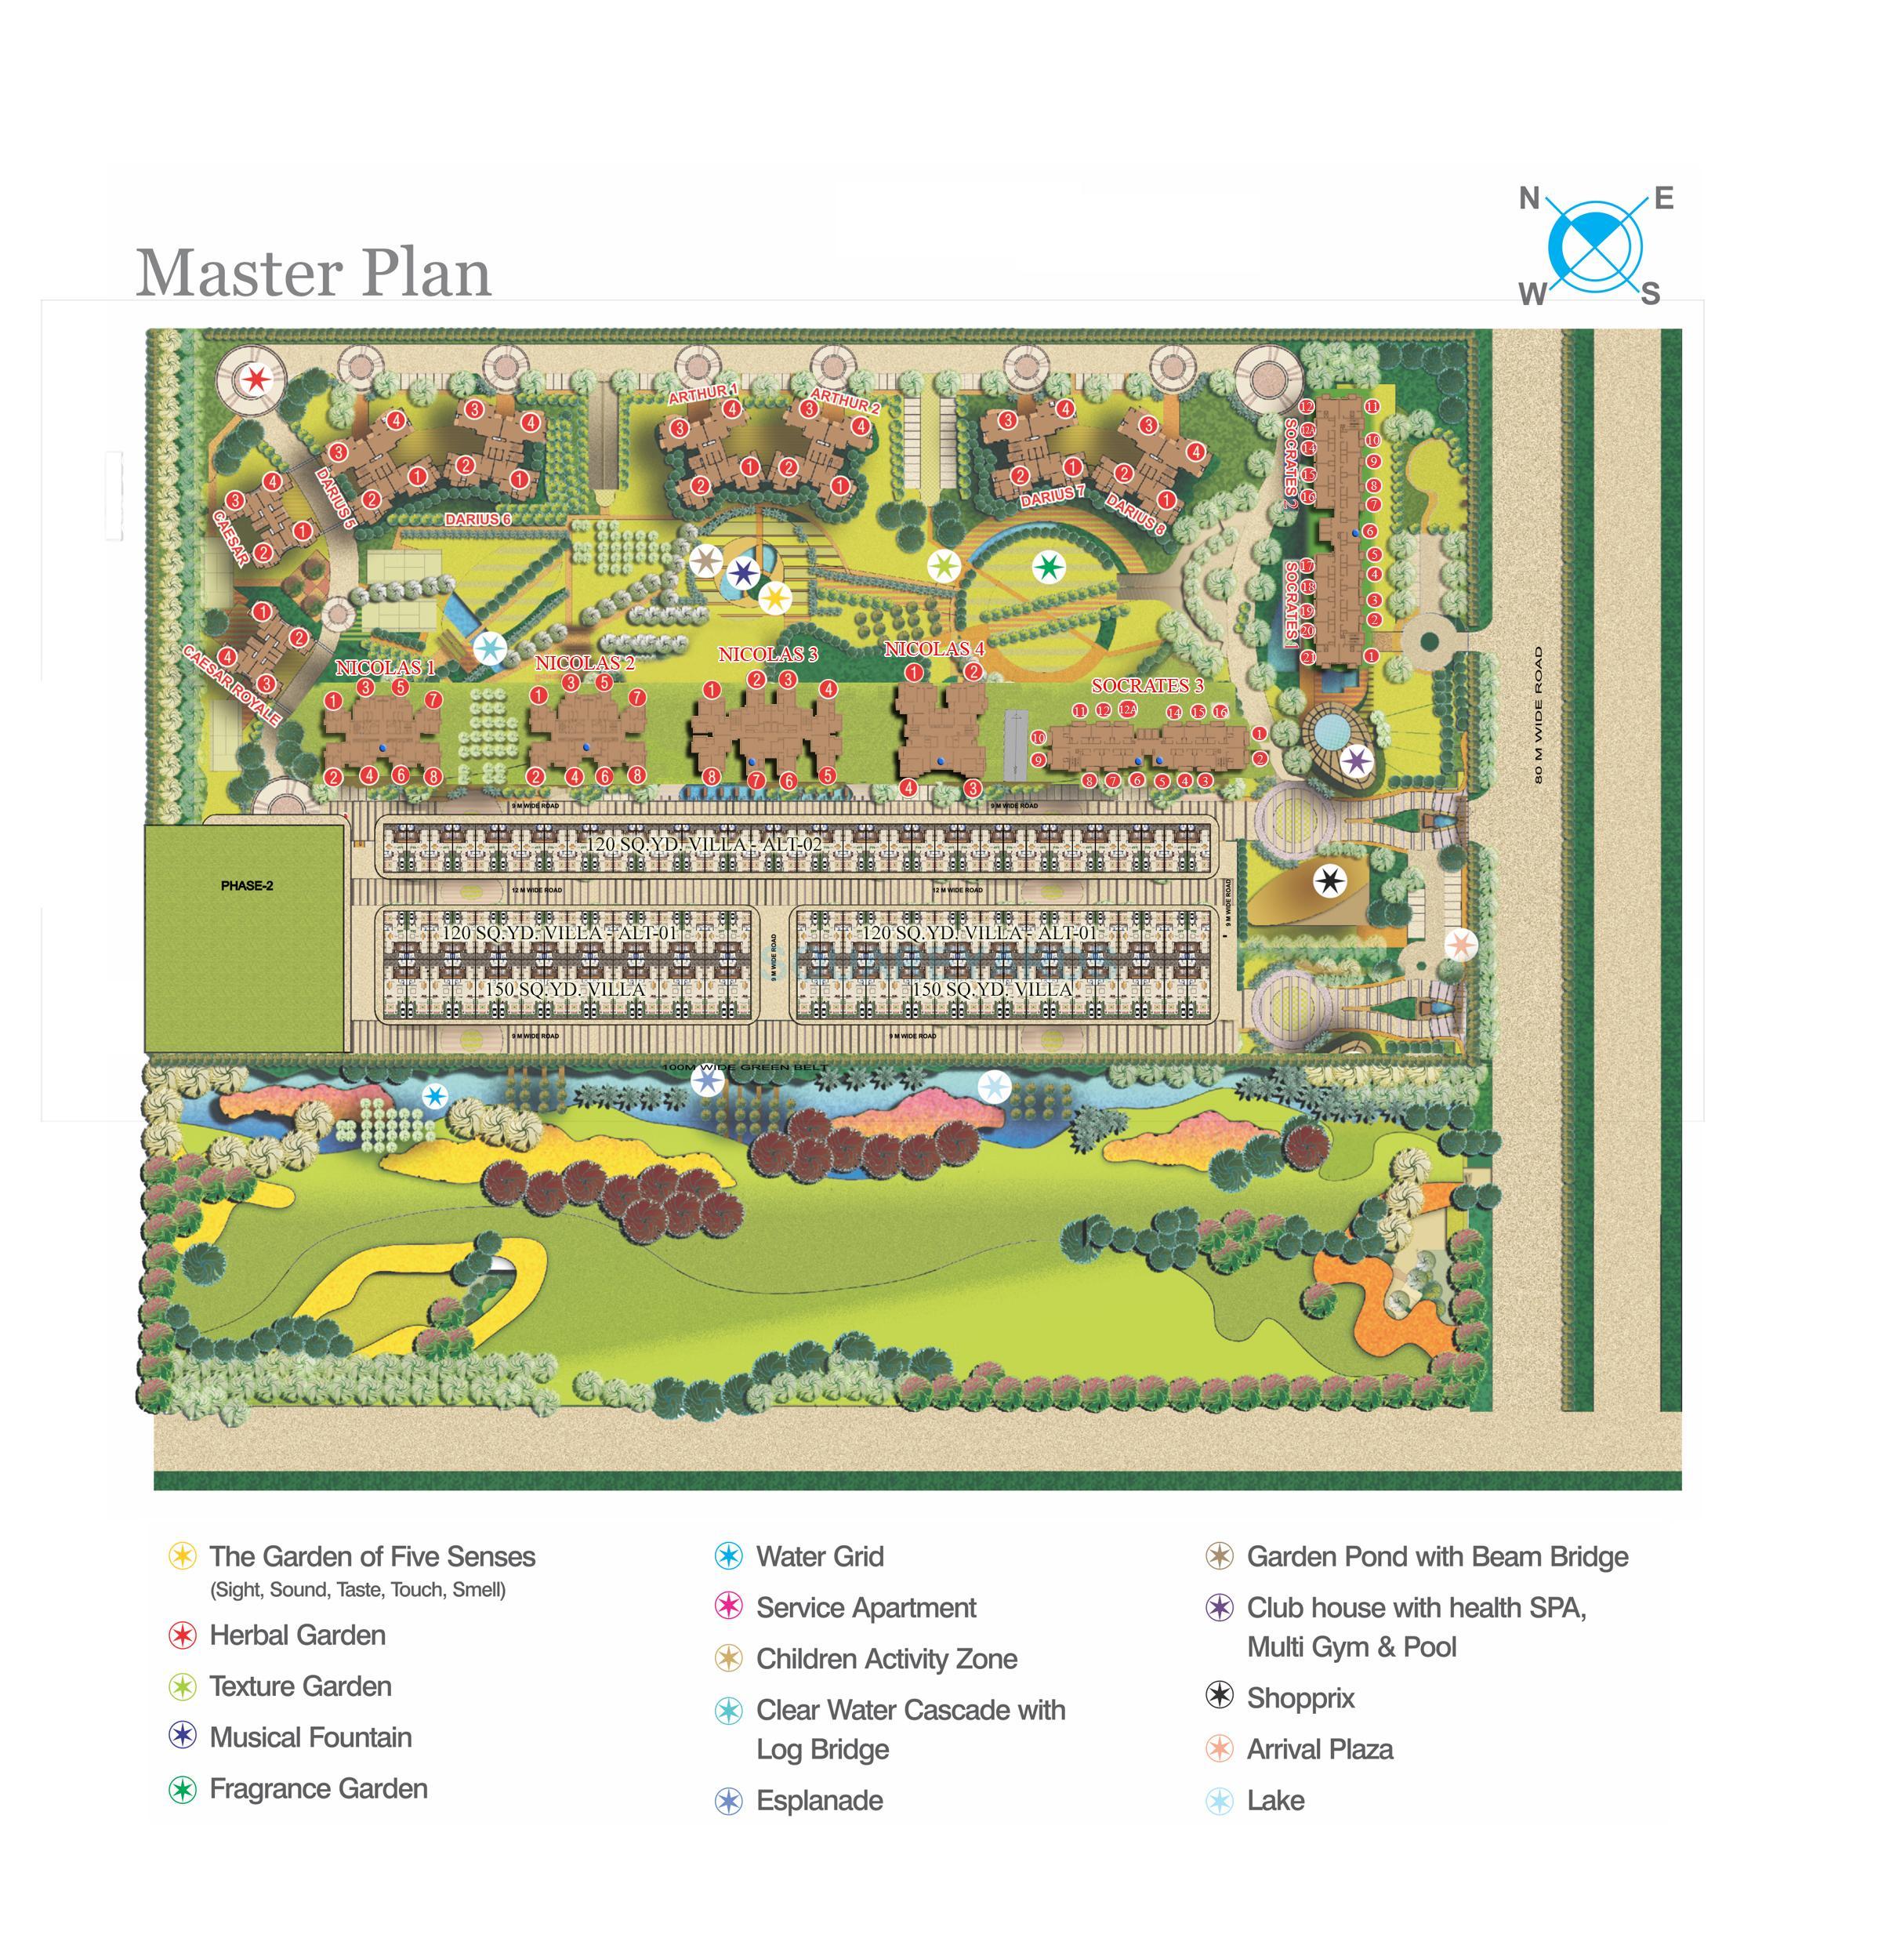 supertech czar suites master plan image1